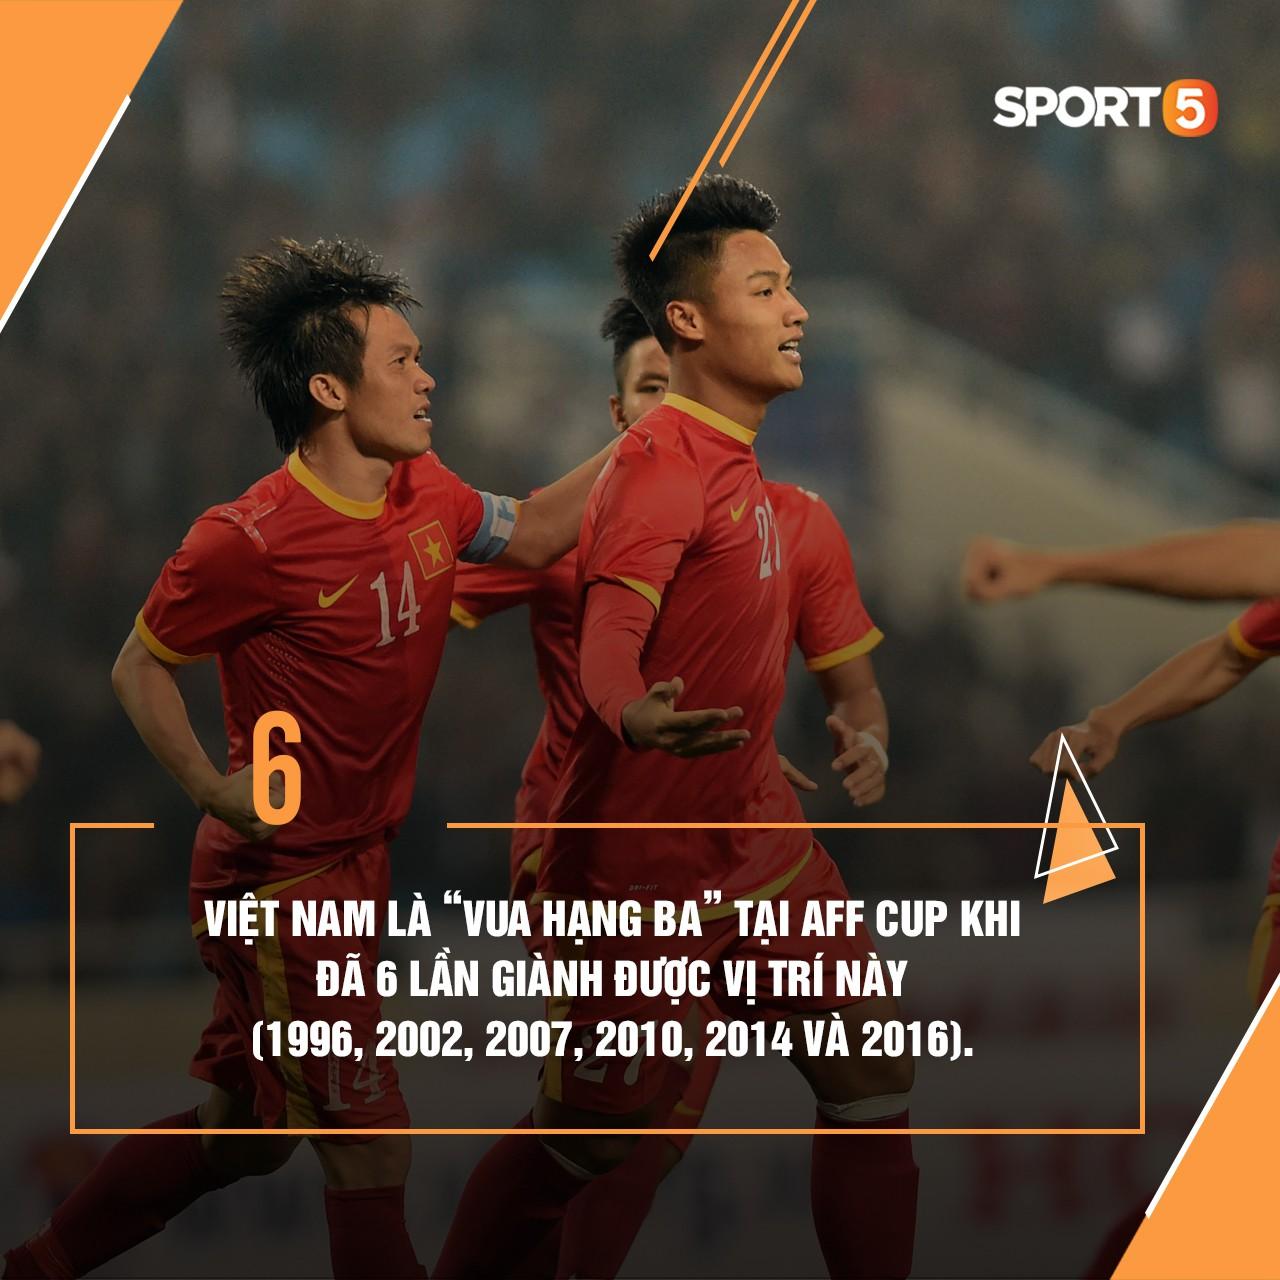 Những thống kê thú vị về tuyển Việt Nam ở AFF Cup - Ảnh 4.